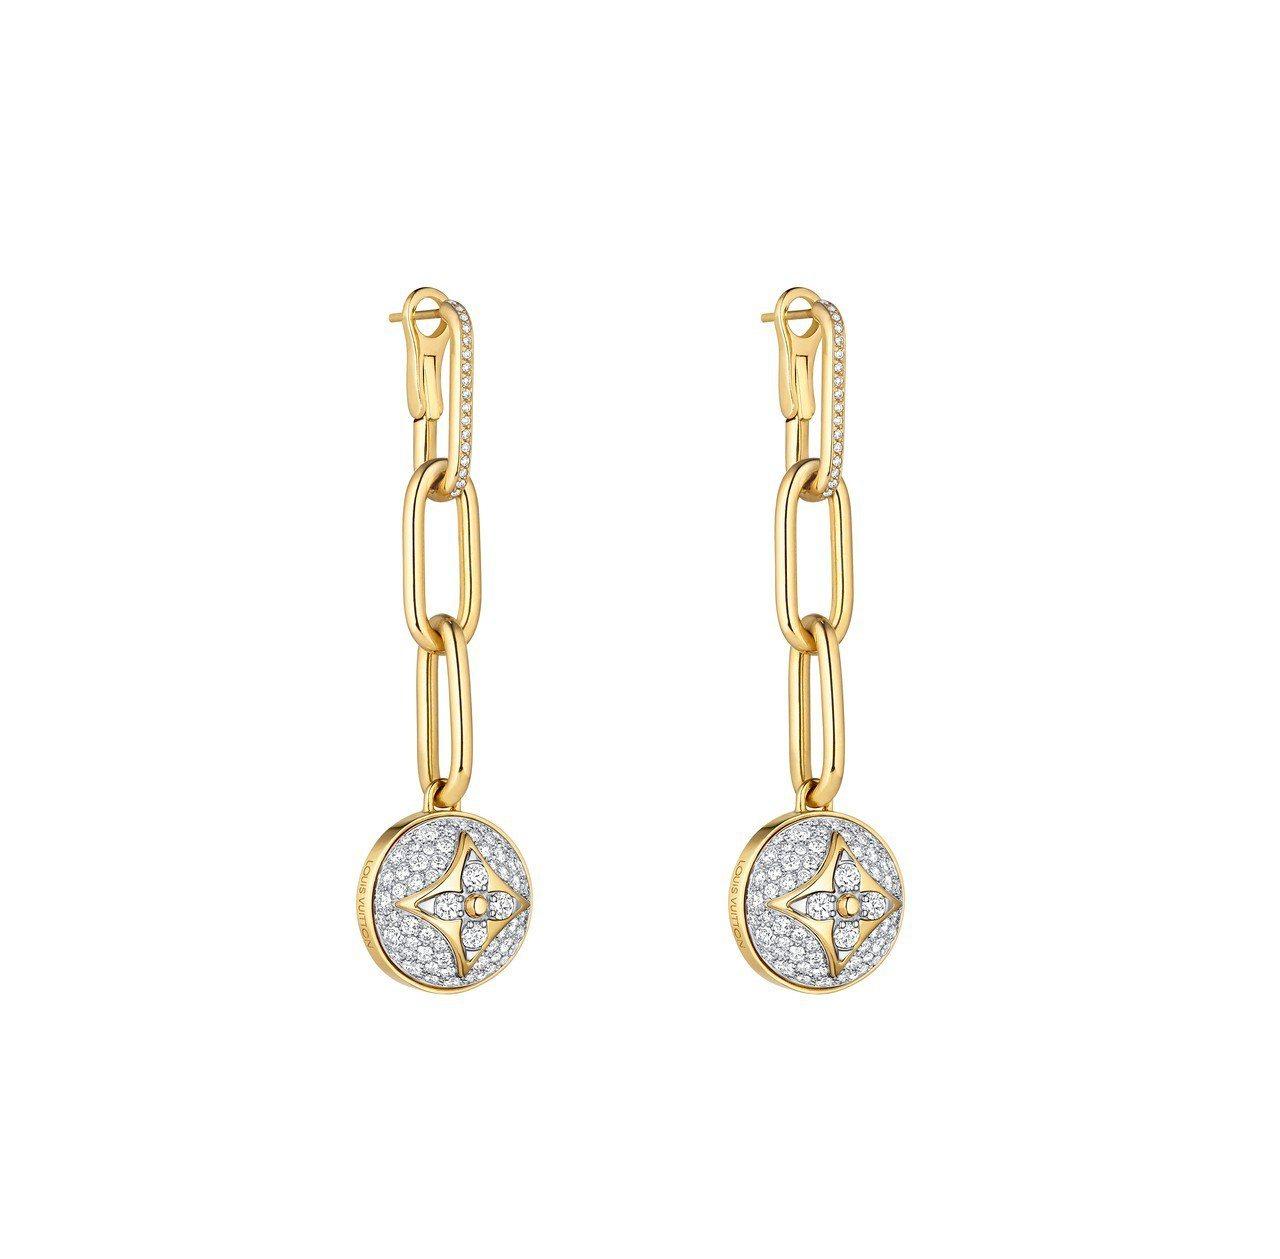 路易威登B BLOSSOM系列,黃K金和白K金配密鑲鑽石耳環,約76萬元。圖/L...